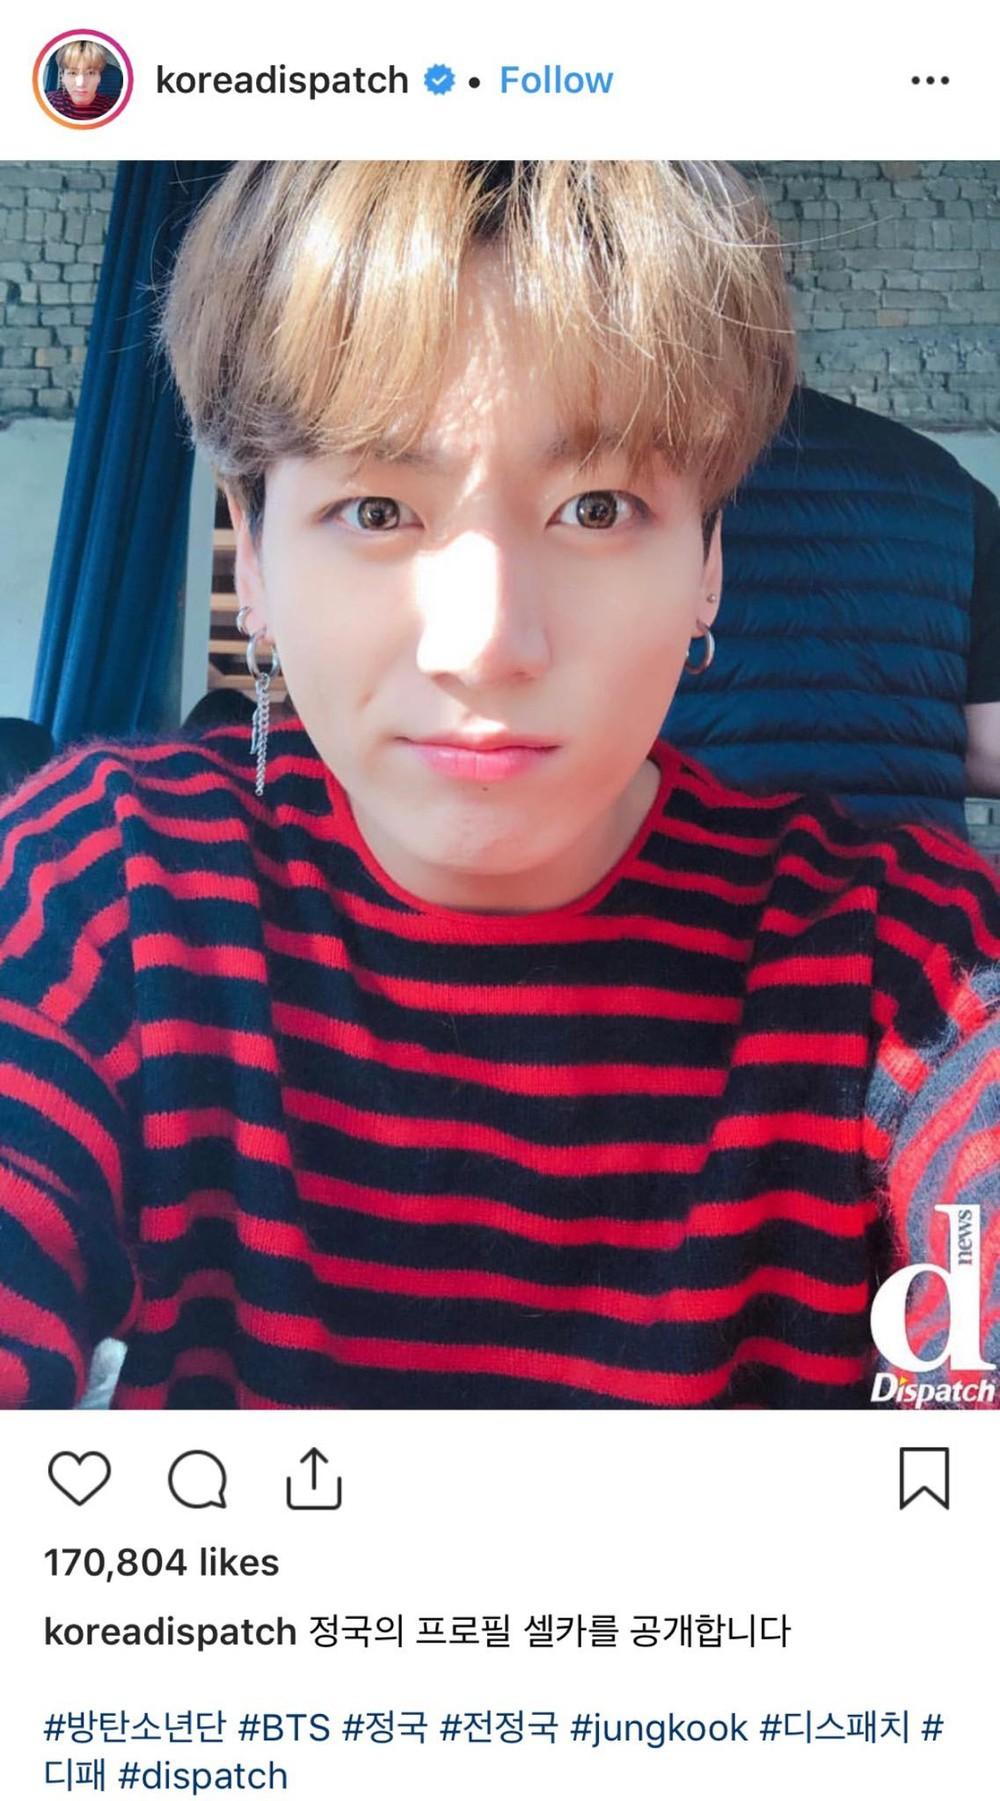 Dispatch đổi ảnh đại diện thành Jungkook (BTS) đầy ẩn ý, dân tình thi nhau ship anh với mỹ nam này thay vì Rosé - Ảnh 1.